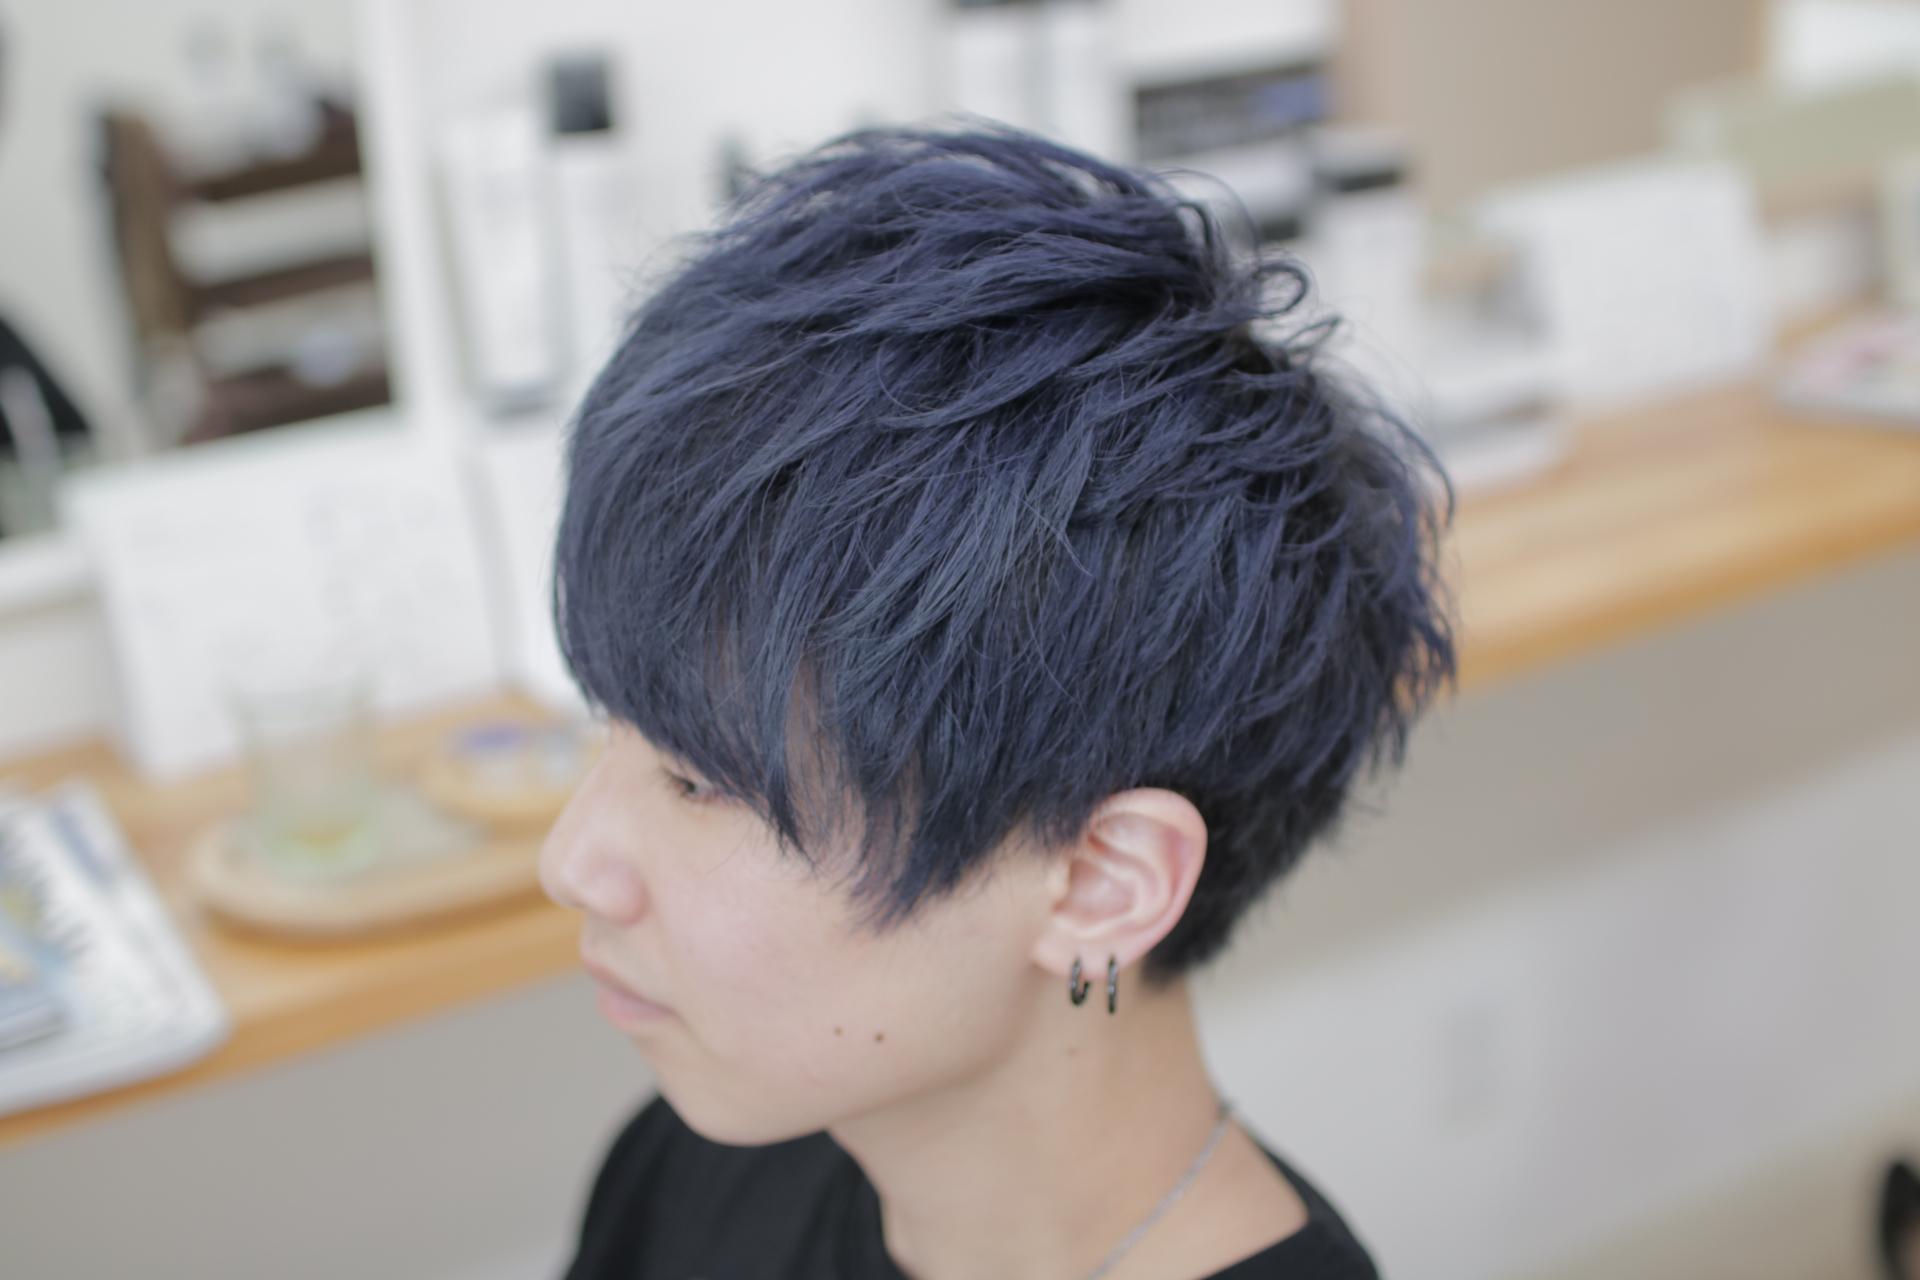 人とは違った、個性的なカラー【サファイア×ブルー】